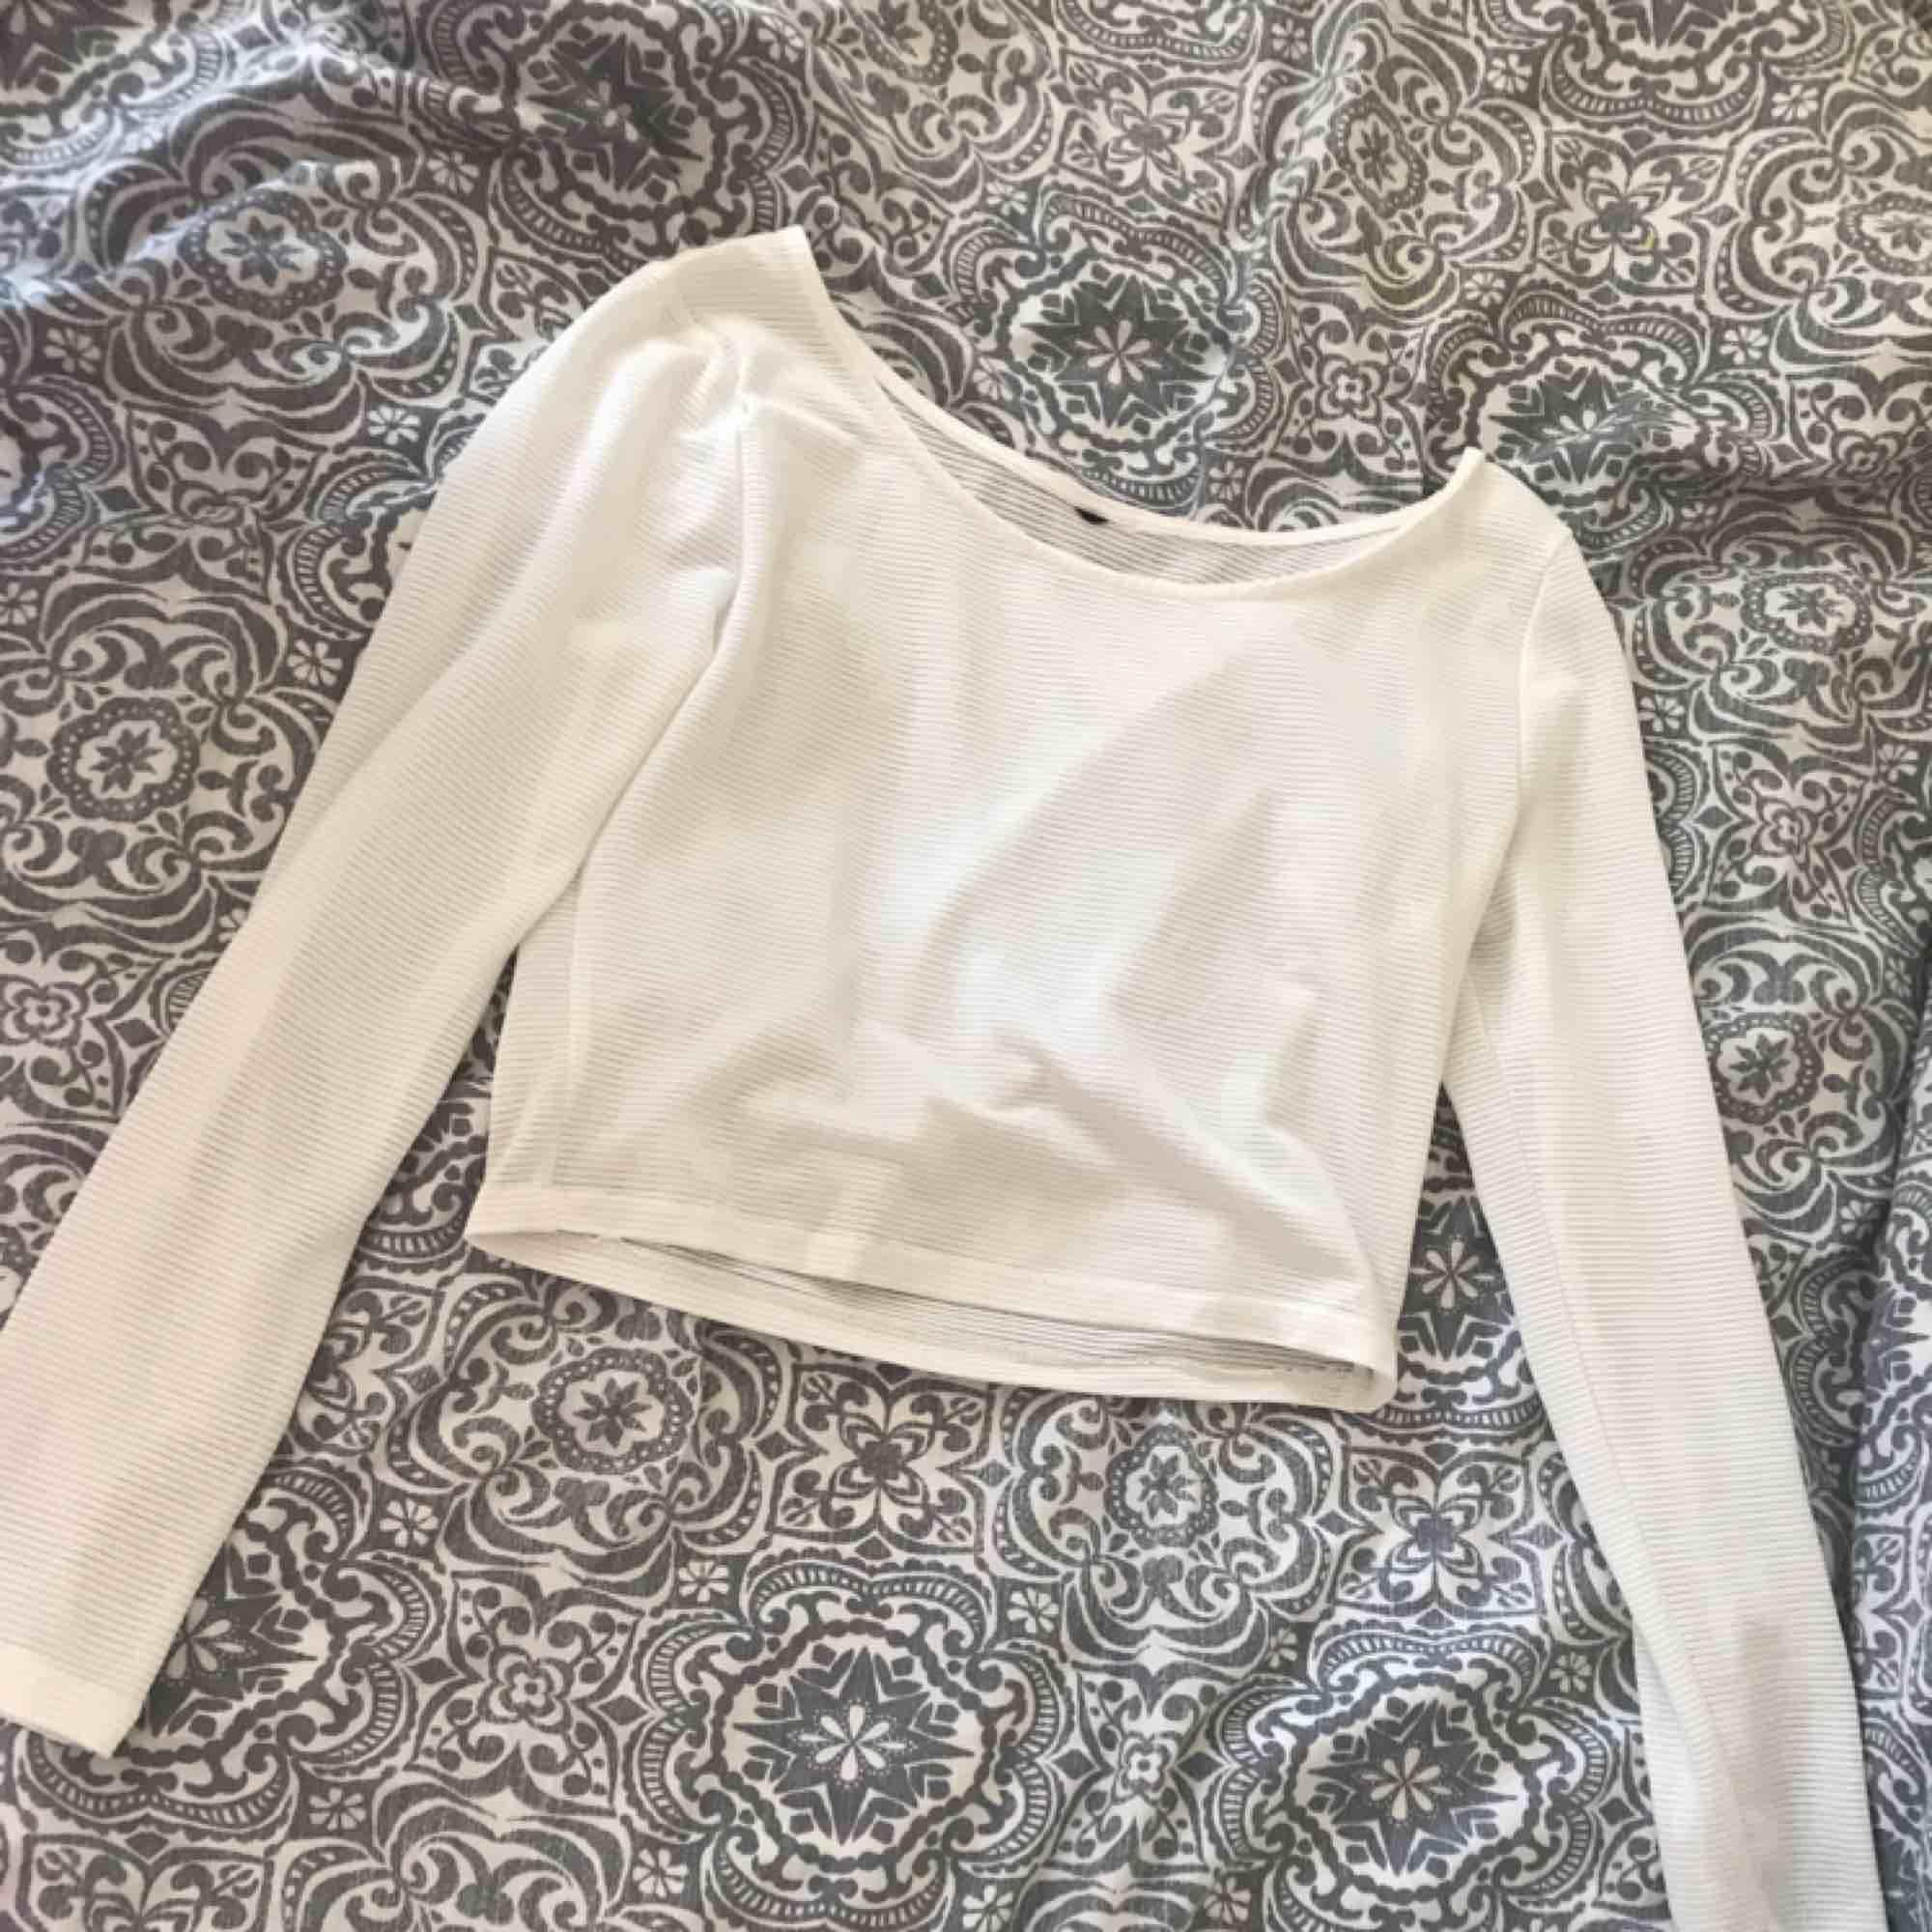 En vit tröja från H&M som är lite som en magtröja. Någorlunda genomskinlig så man kan ha en snygg bh under om så önskas. Lapp är bortklippt då den syntes igenom tyget. Använd en gång.. Toppar.